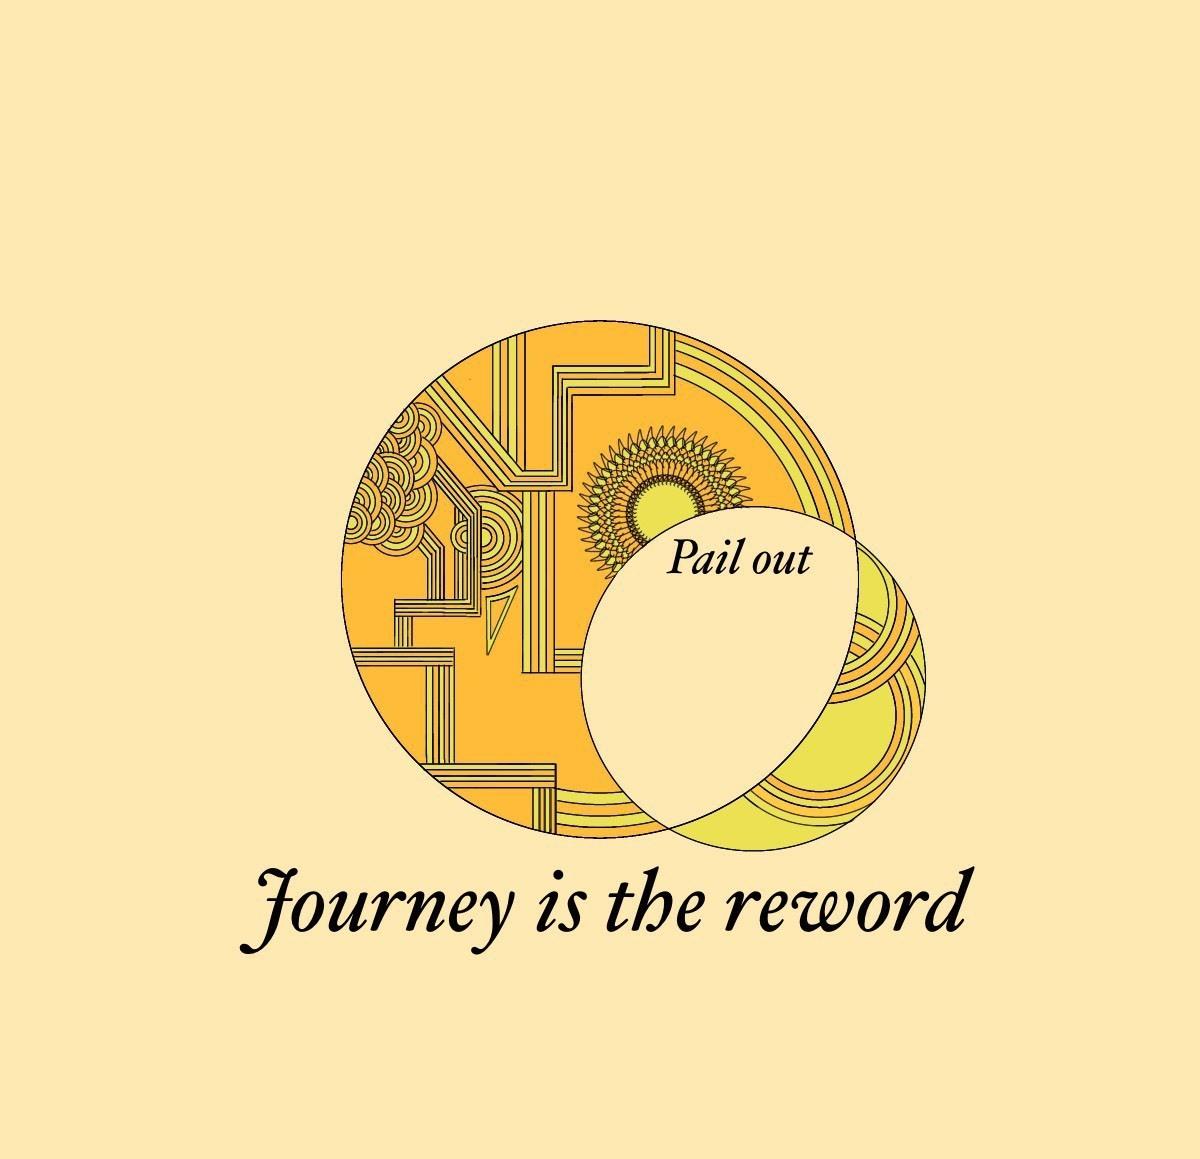 Journey is the reward